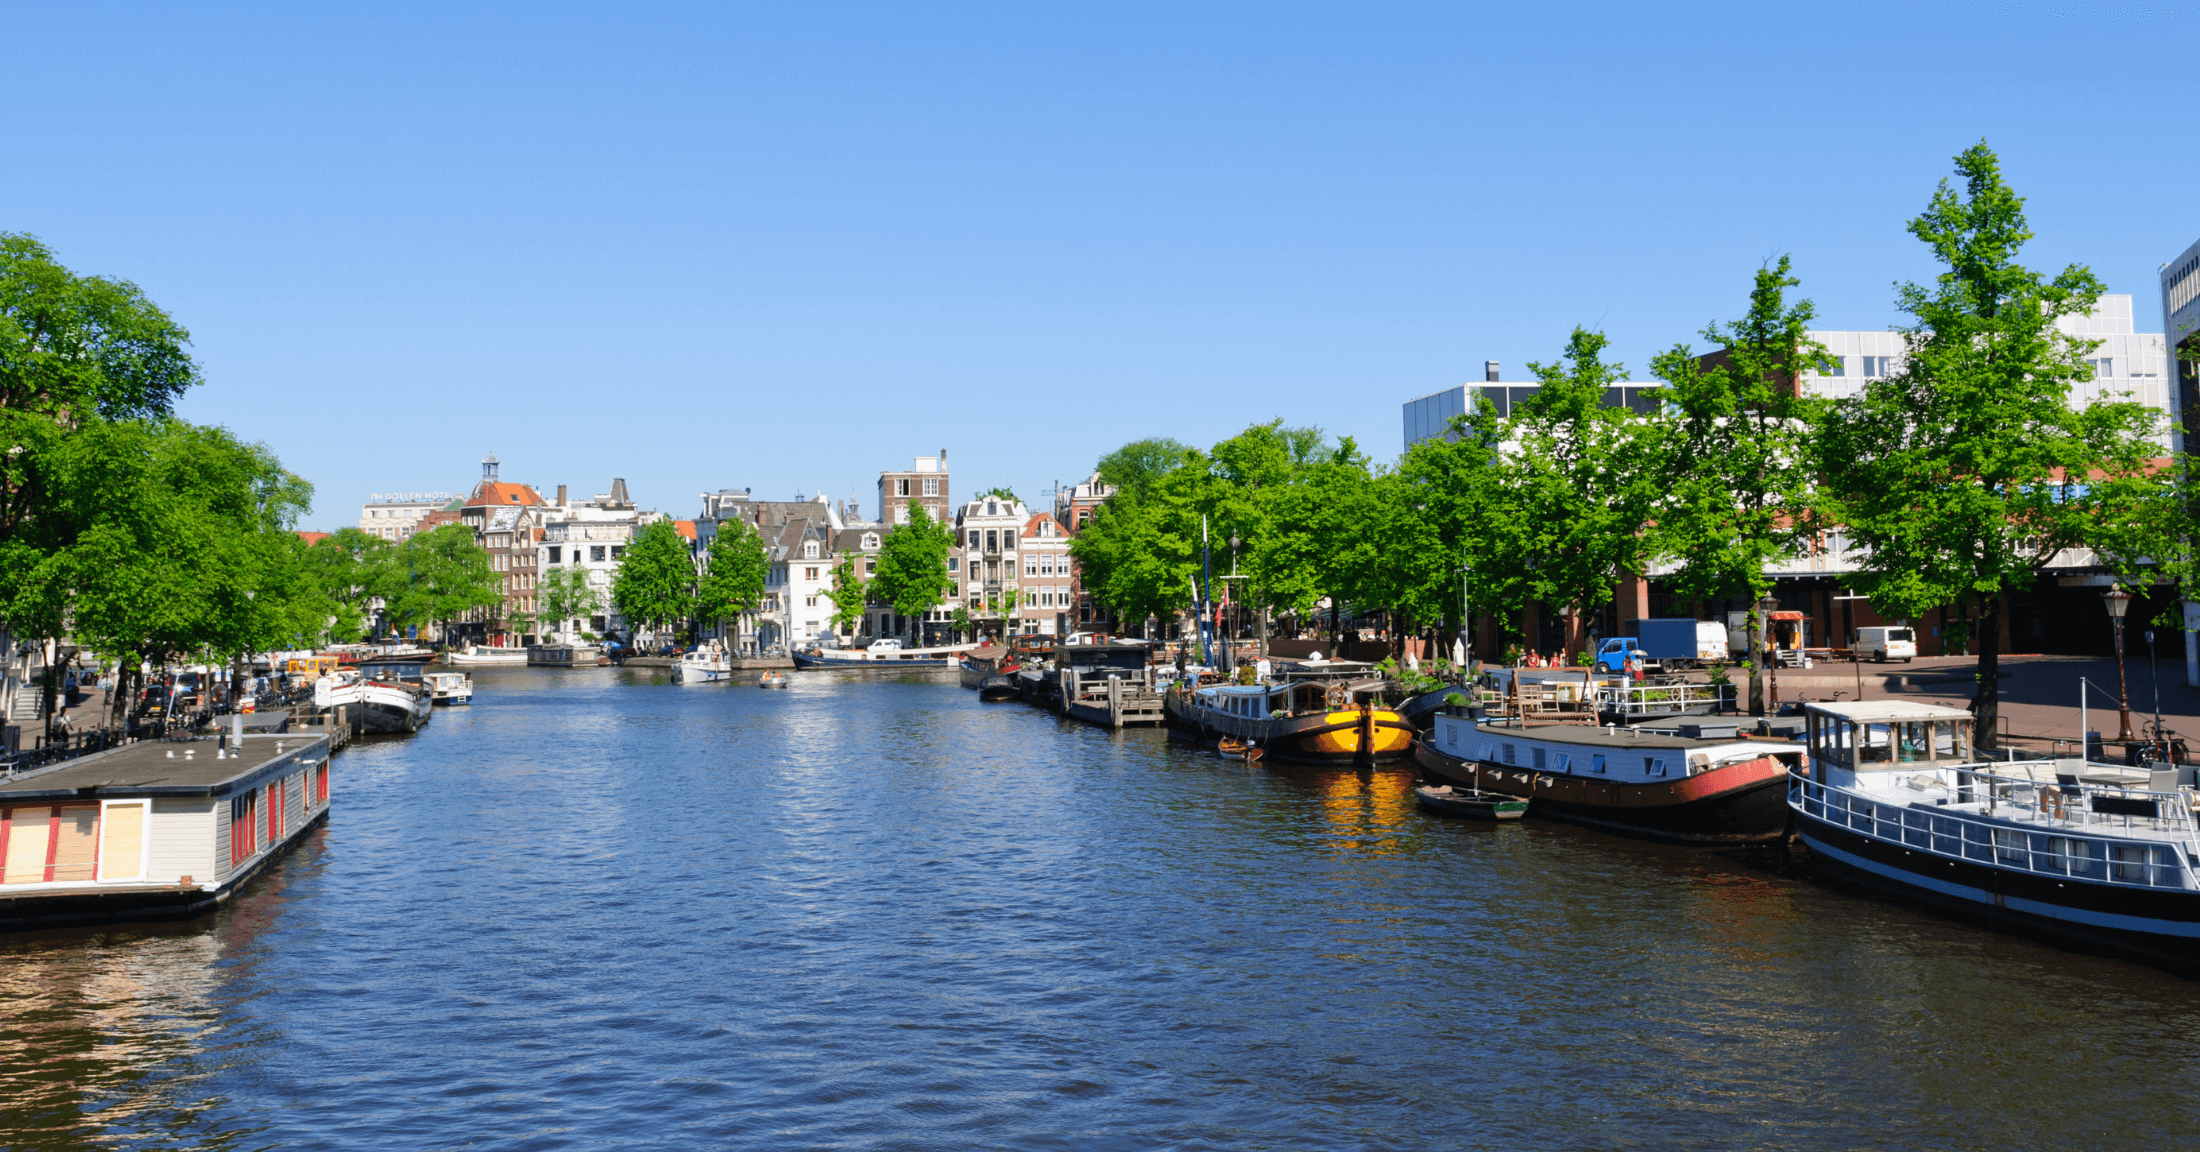 日常に行き届いたオランダのキャッシュレス事情とは【INNOOV海外部】